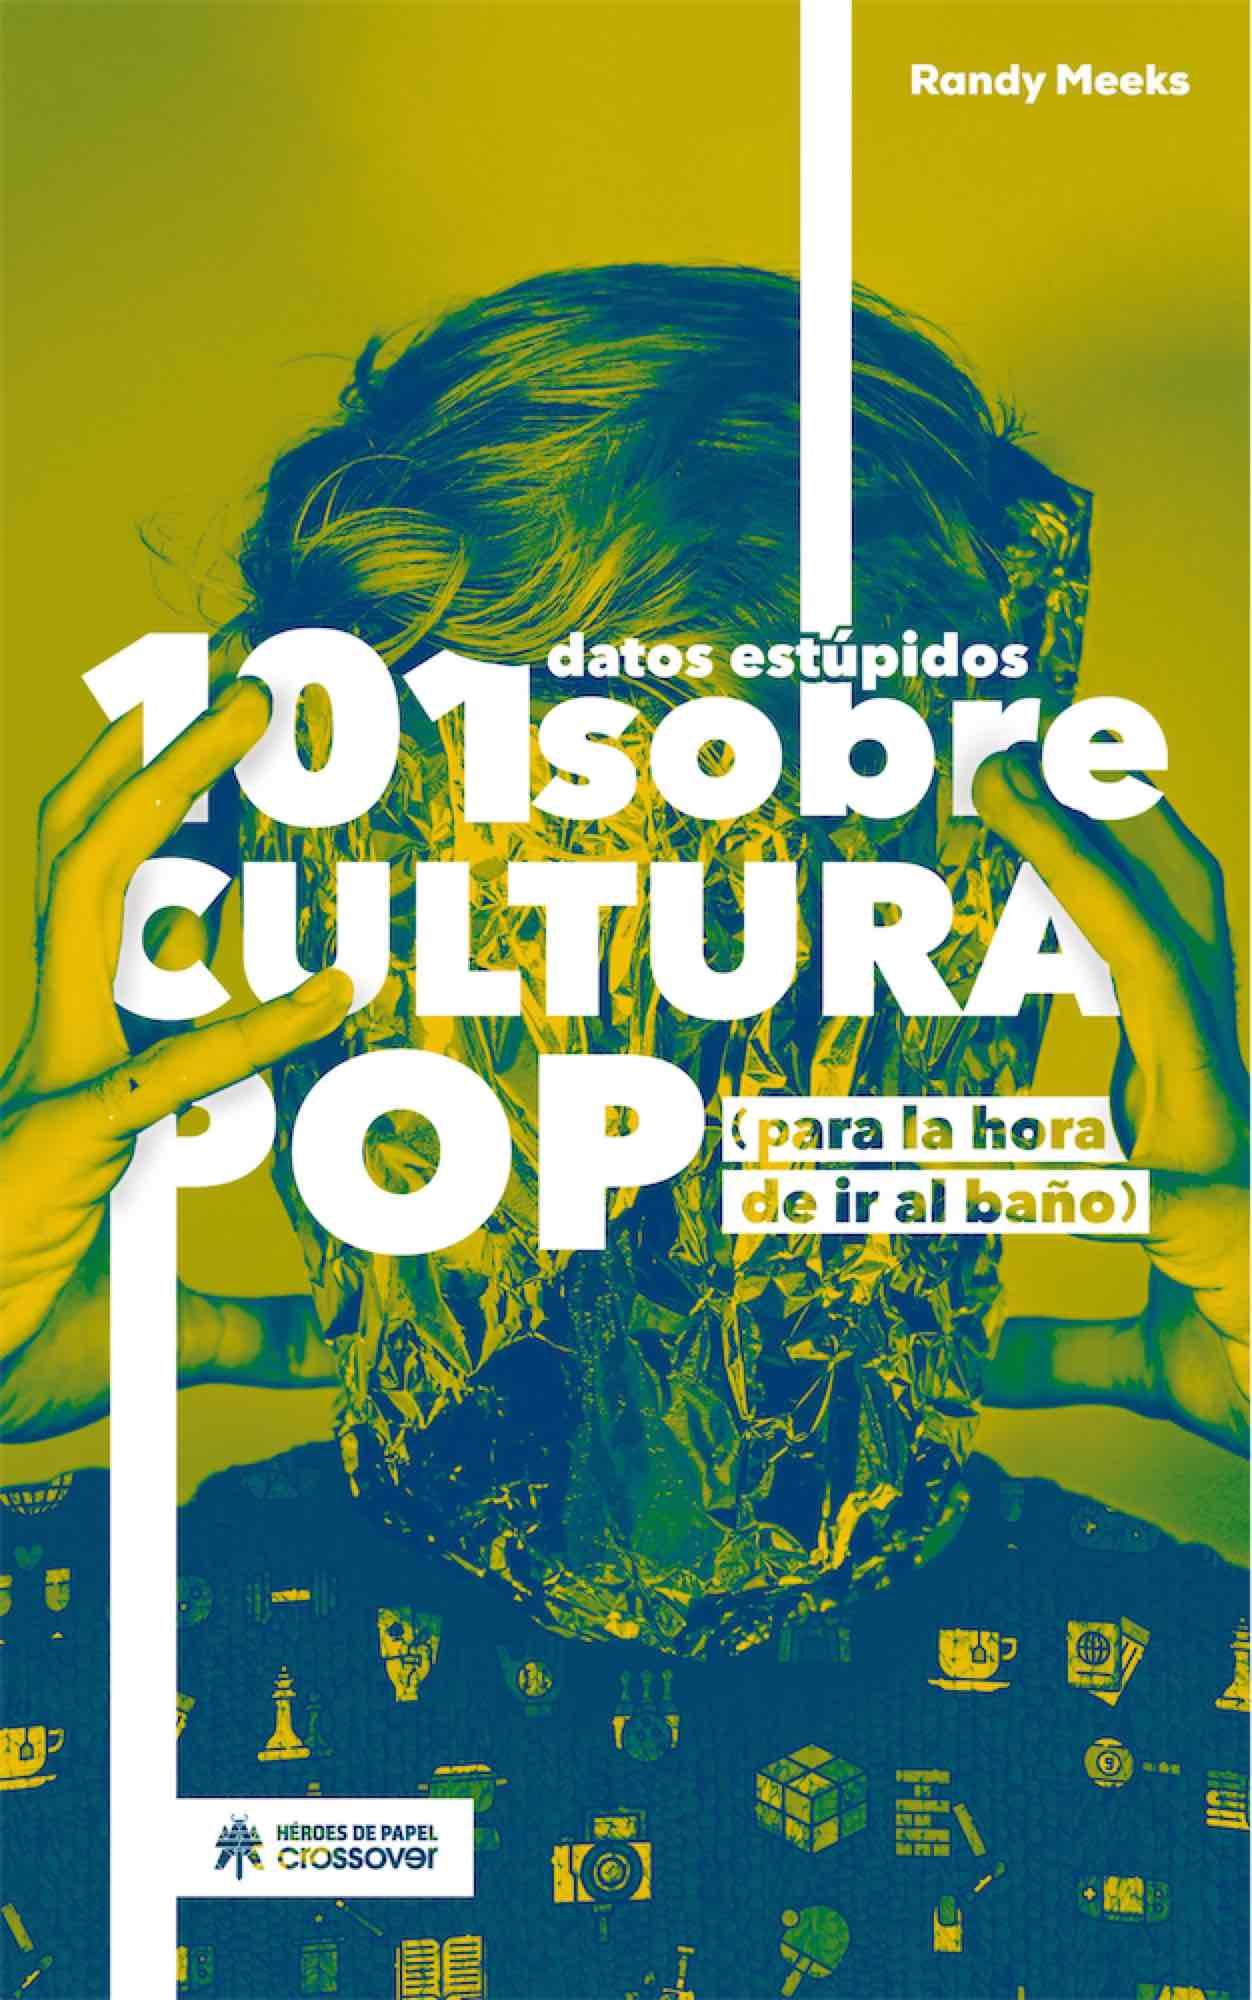 101 DATOS ESTUPIDOS SOBRE CULTURA POP